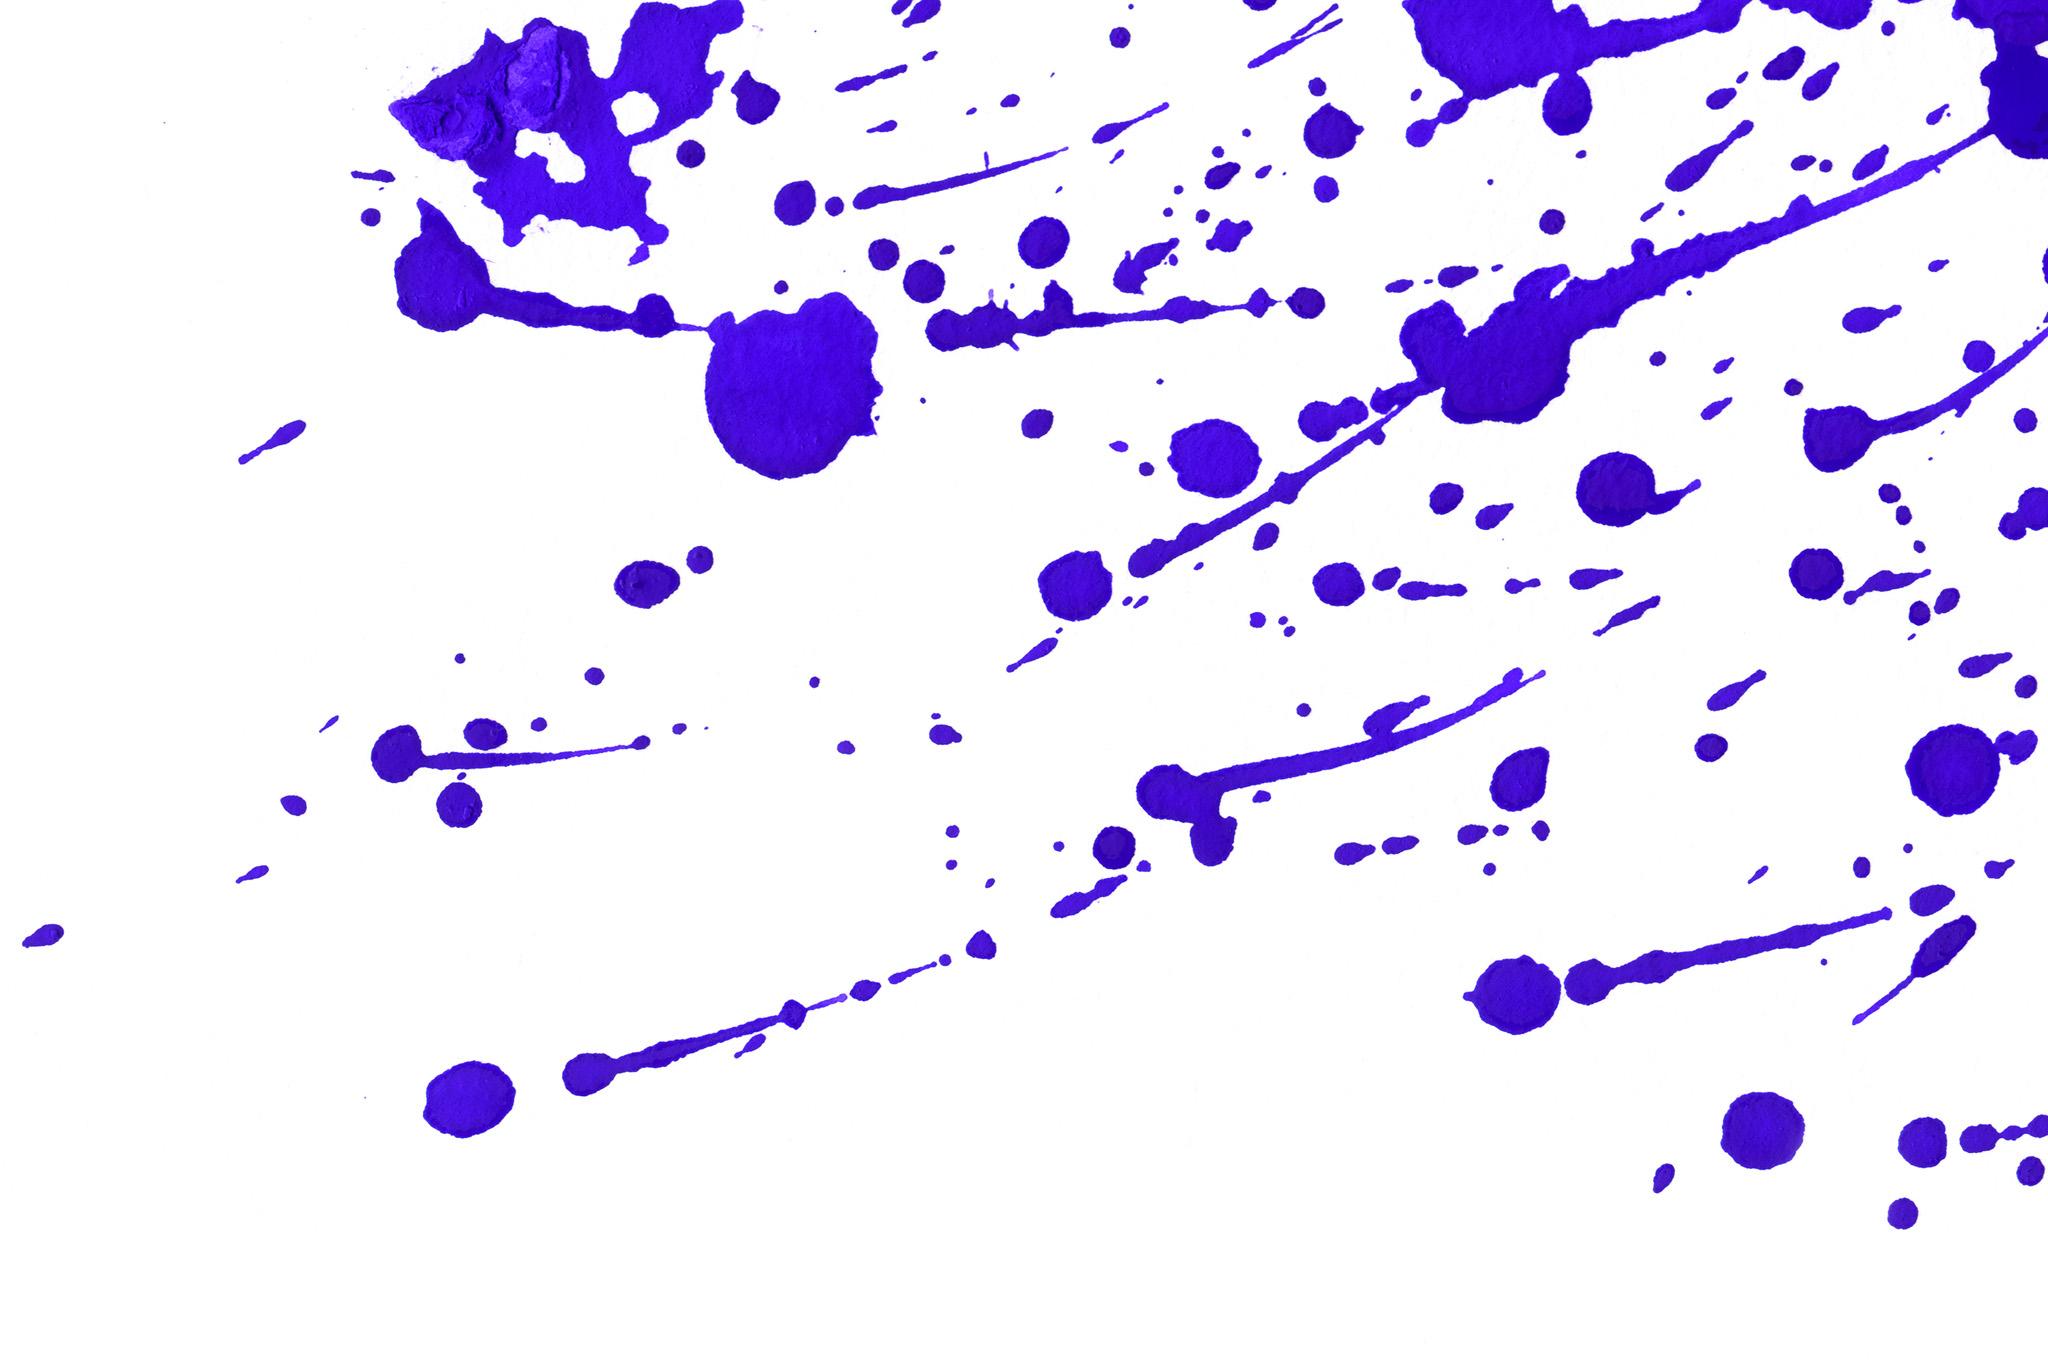 「跳ねるように飛散った紫の水彩模様」